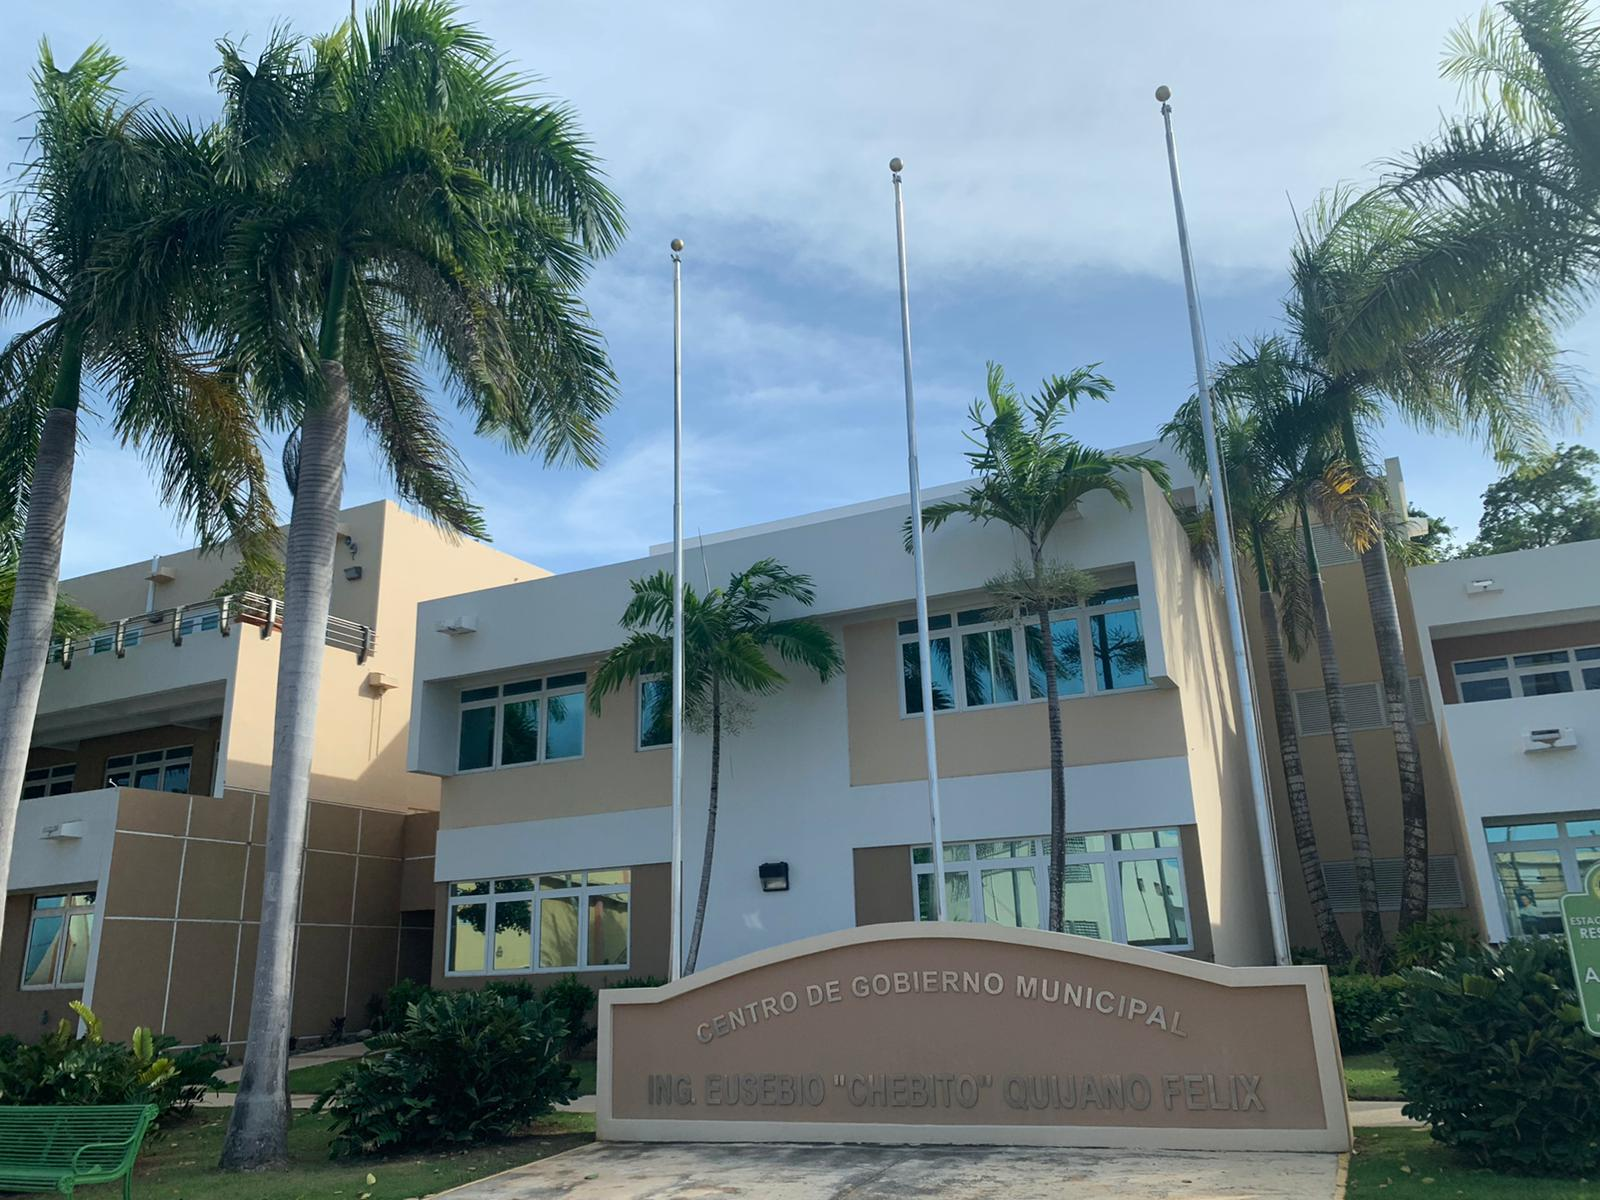 Camuy, Puerto Rico